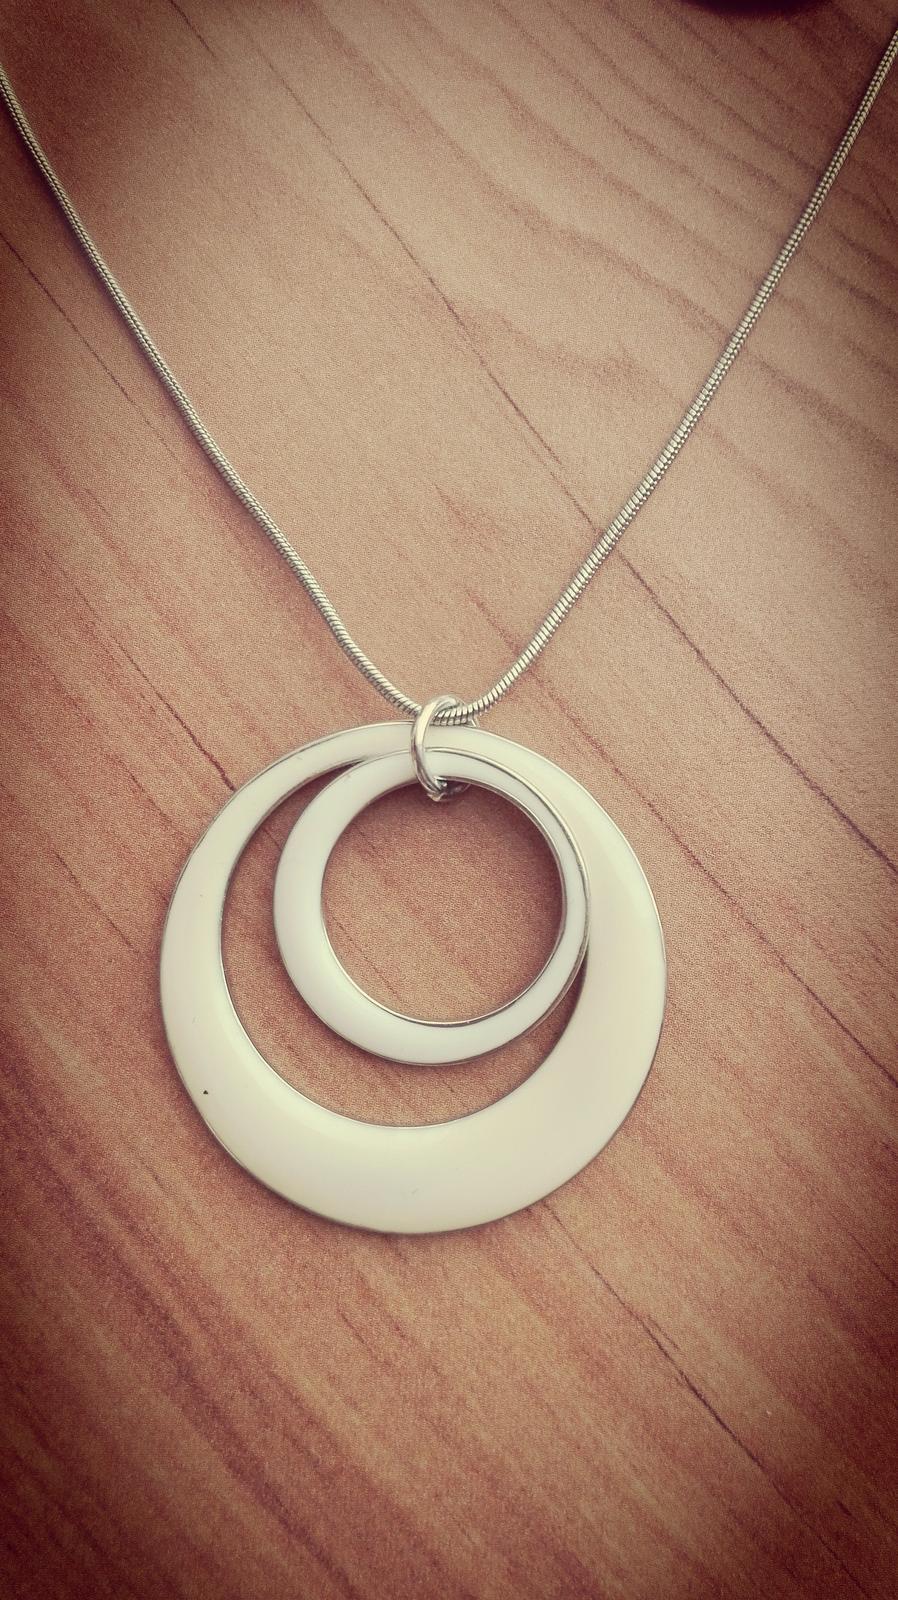 Náušnice a náhrdelník - Obrázok č. 4